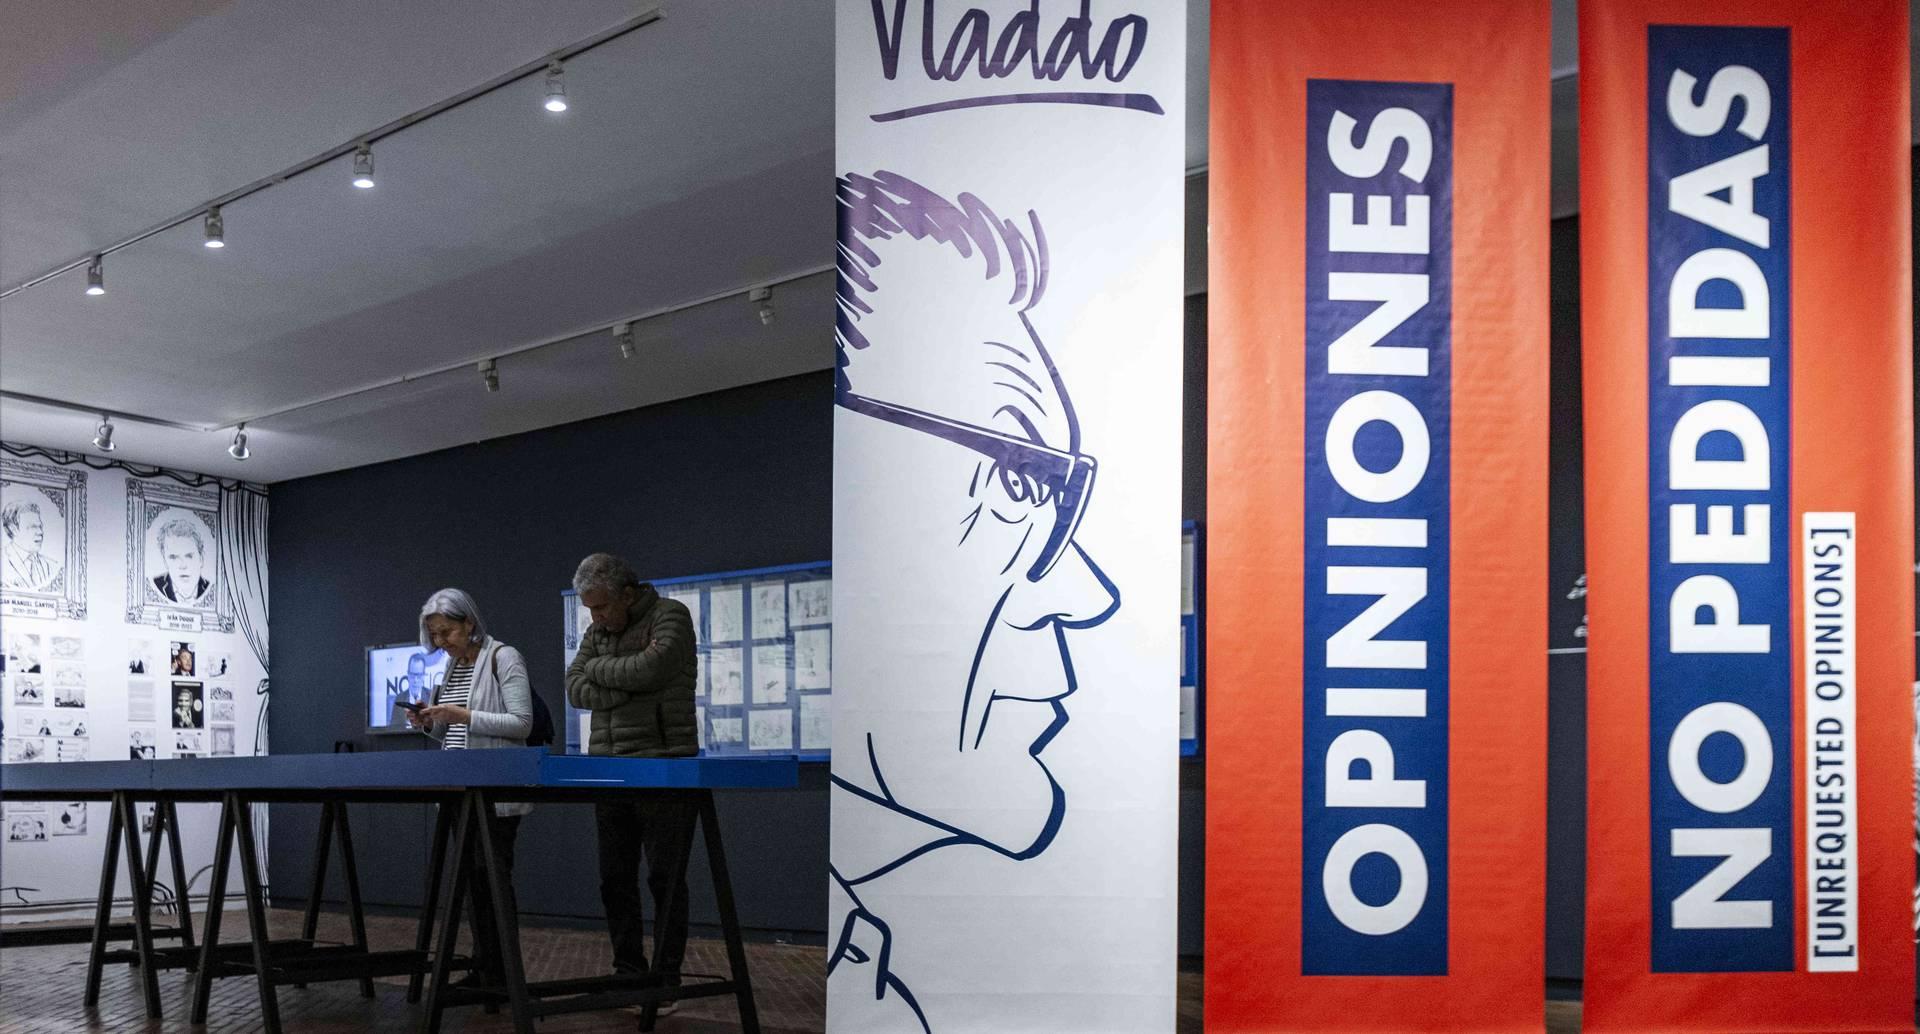 Con 'Opiniones no pedidas', Vladdo celebra 25 años de trabajo para SEMANA y 20 del nacimiento de Aleida, su icónica caricatura femenina. FOTO: Mauricio Flórez